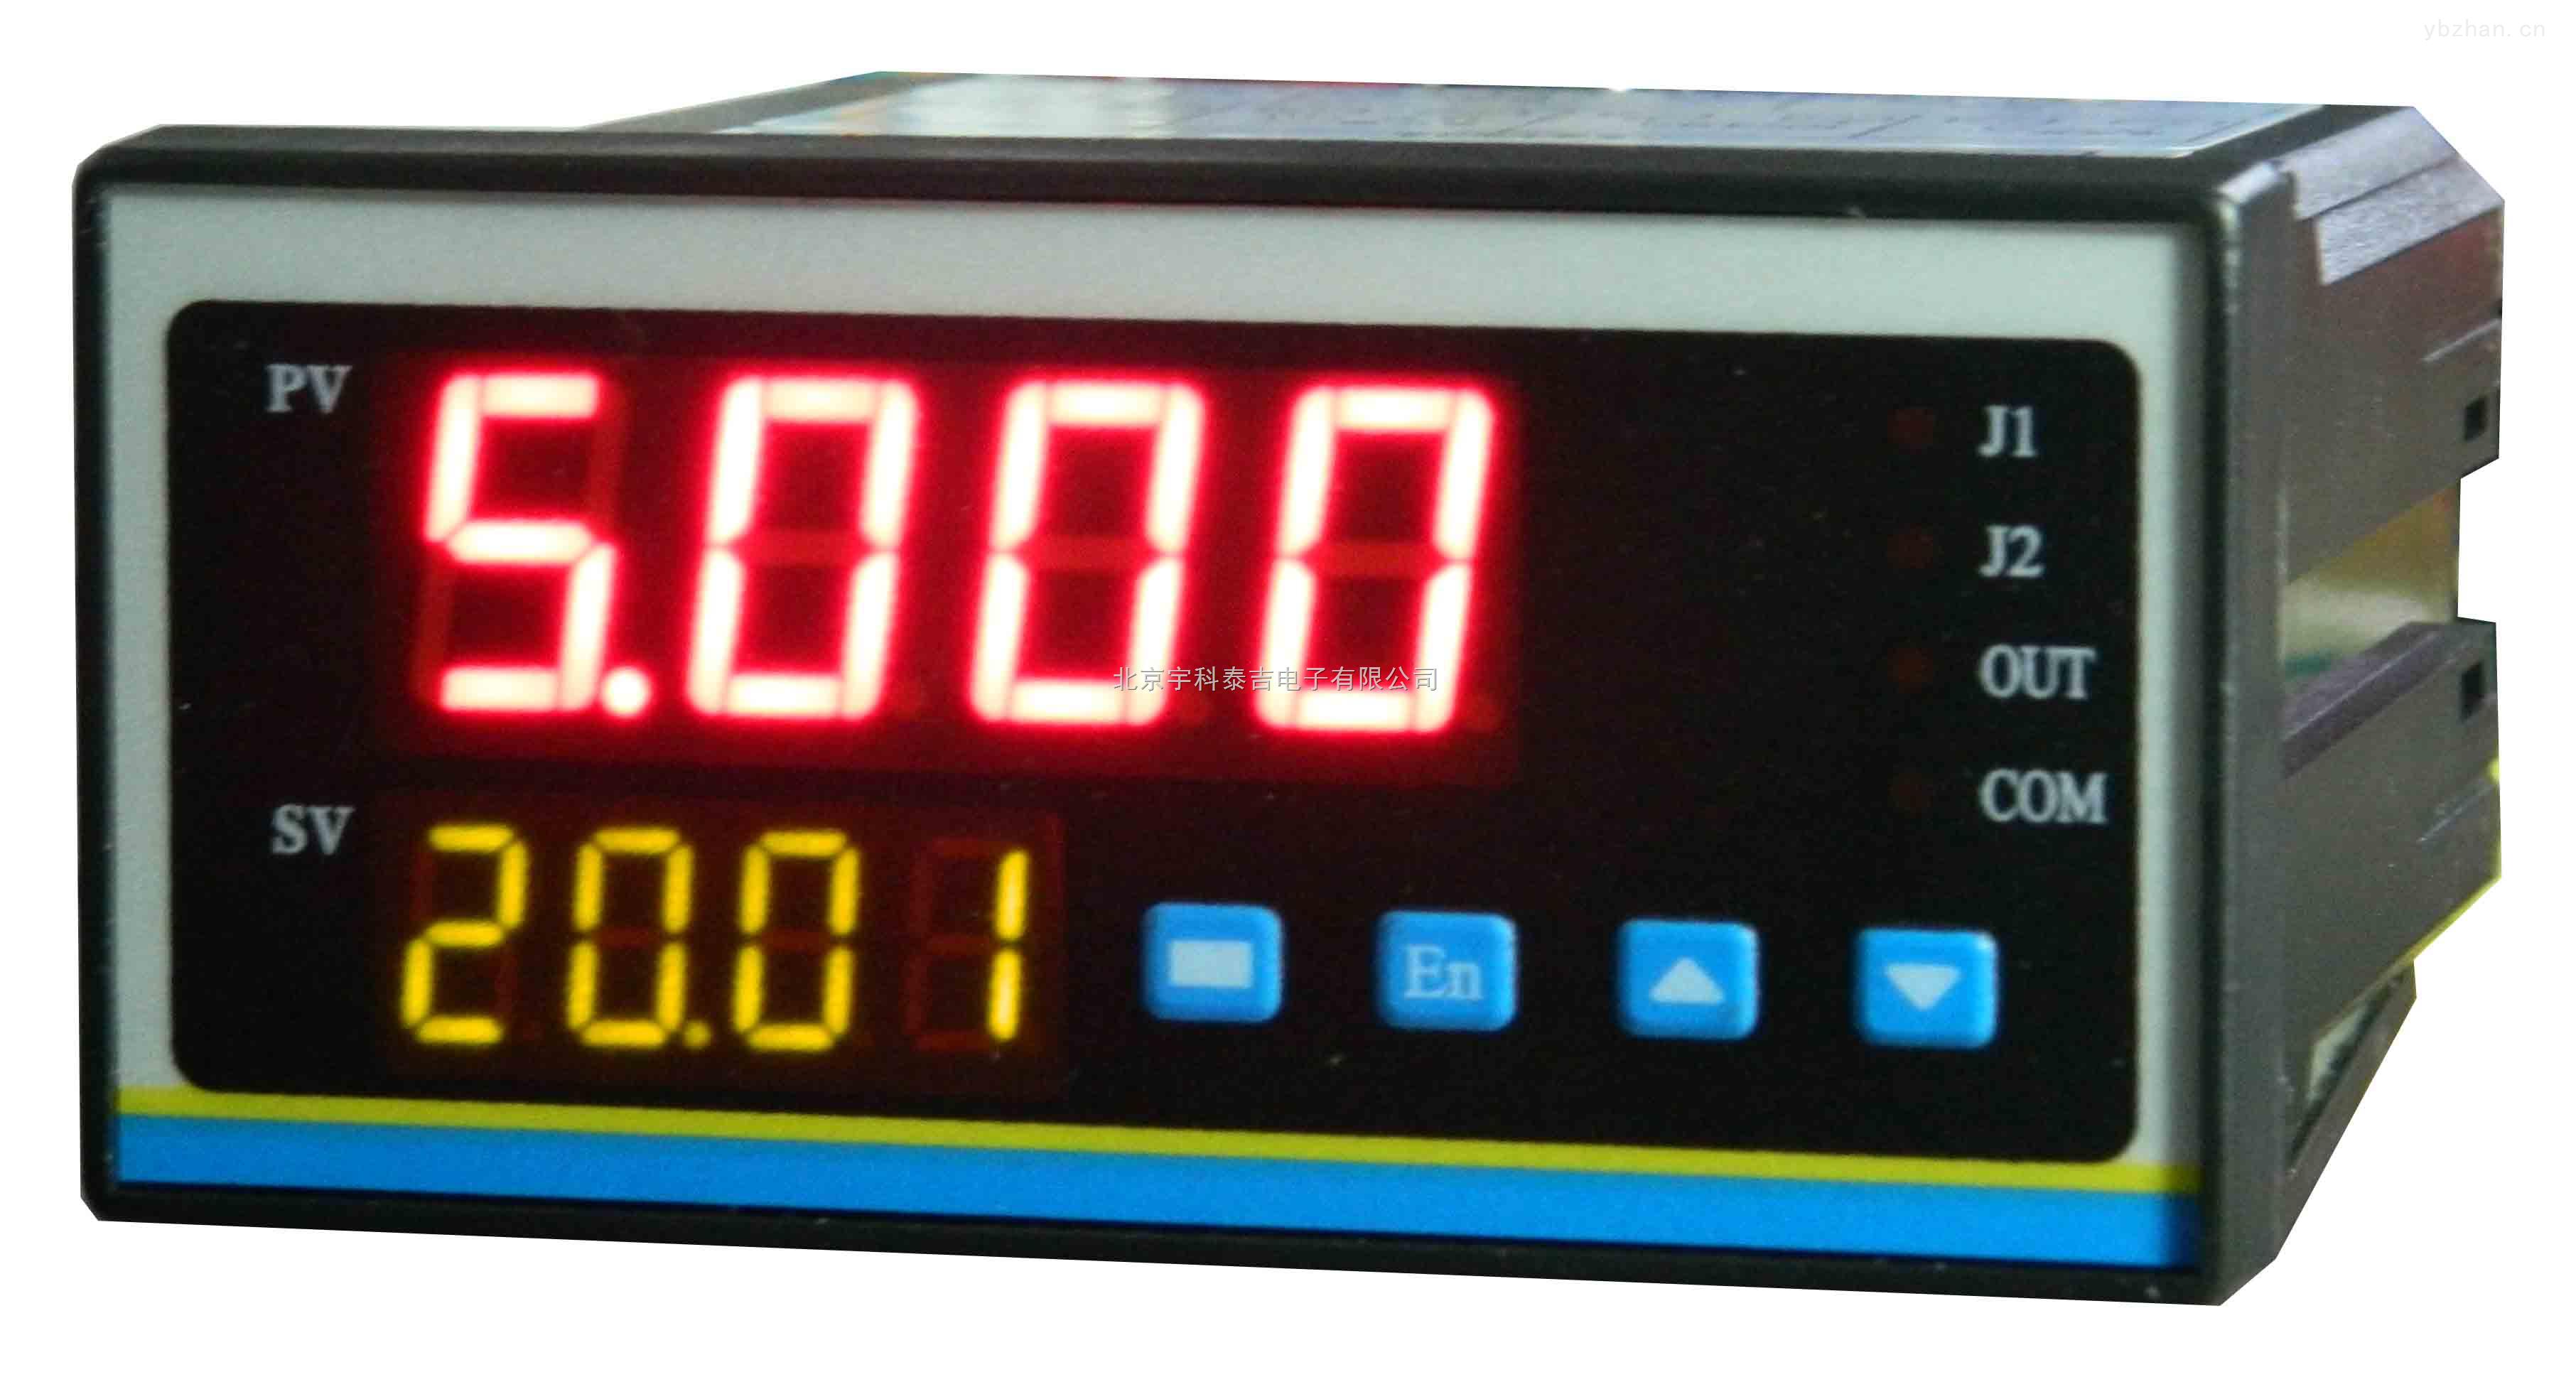 型号YK-32系列, 双显示电压电流表头-电流电压同时显示仪